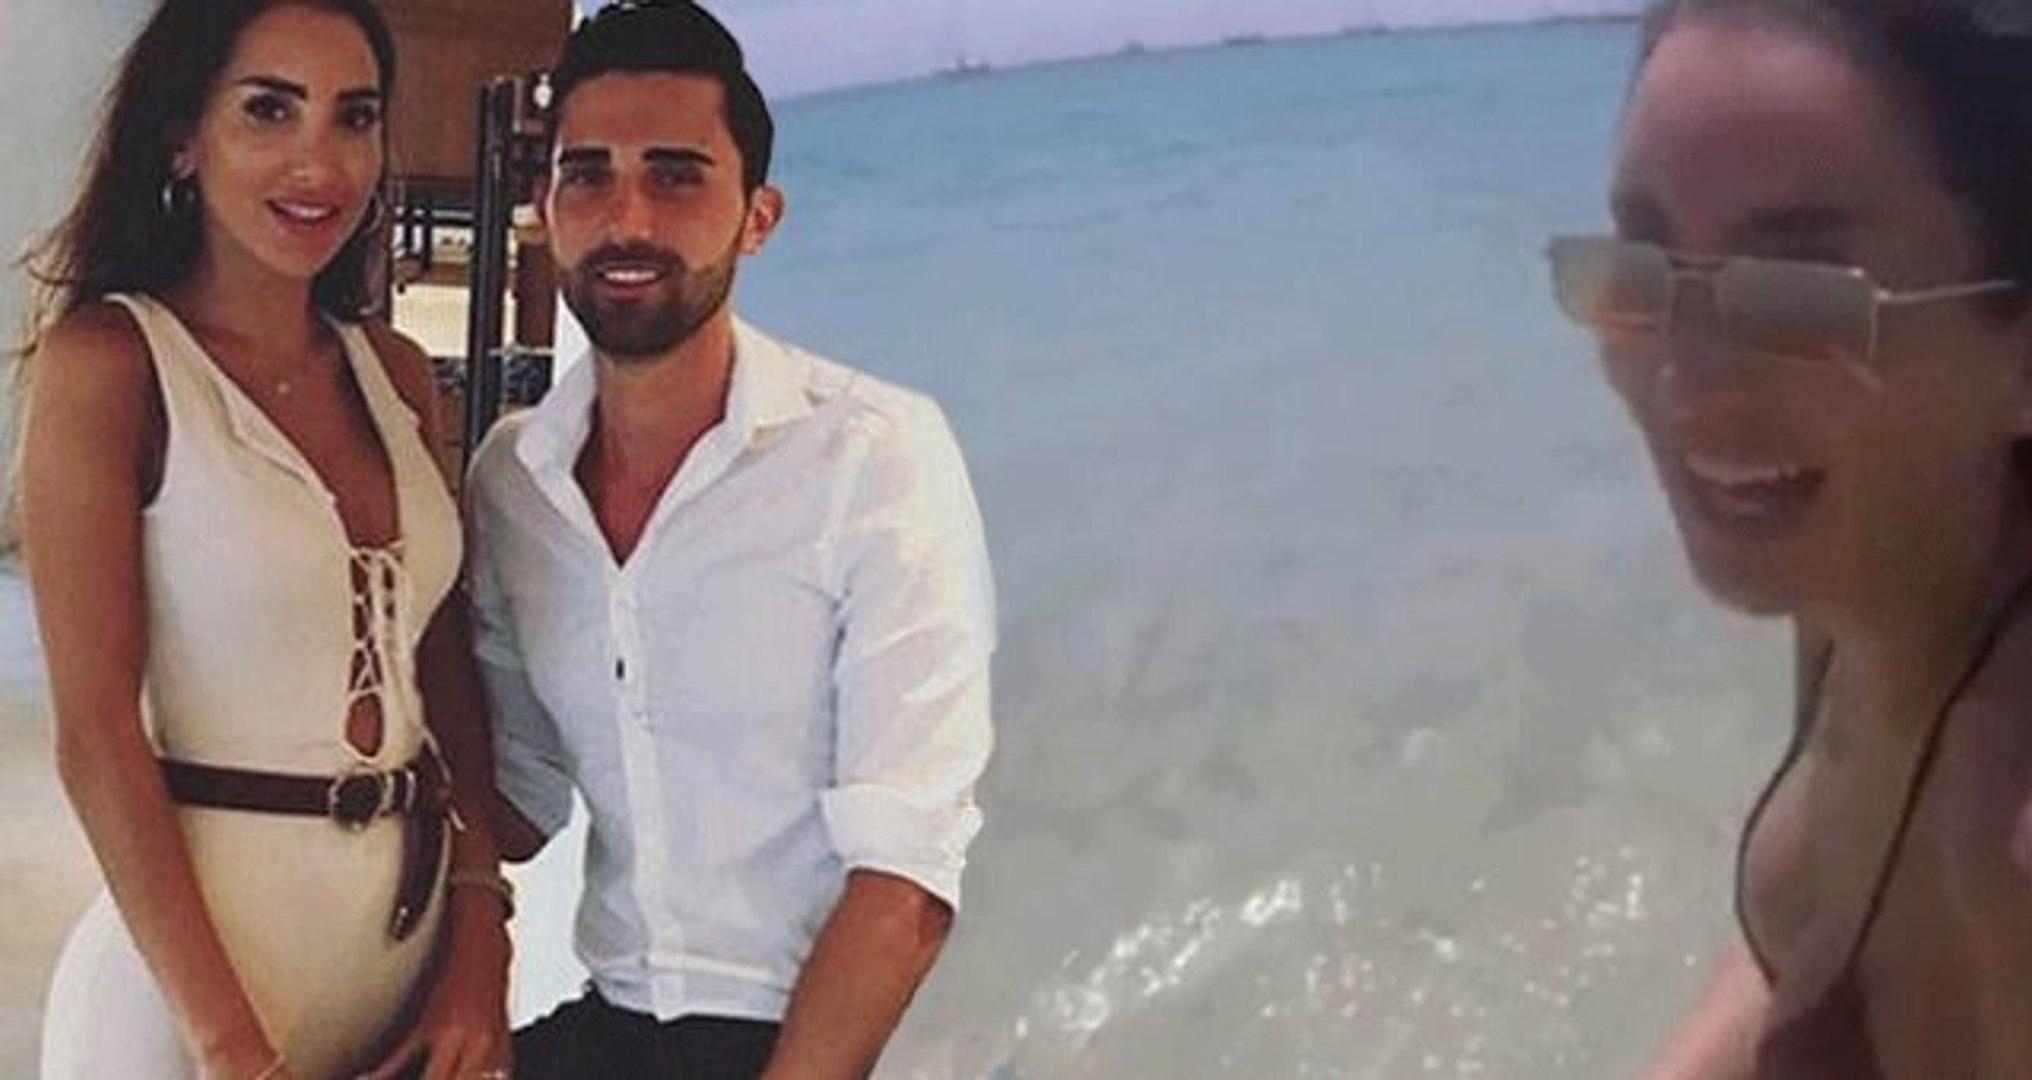 Saynur Öztürk, Eşi Hasan Ali Kaldırım'ı Aldattı mı? Yeni Görüntüler Ortaya Çıktı